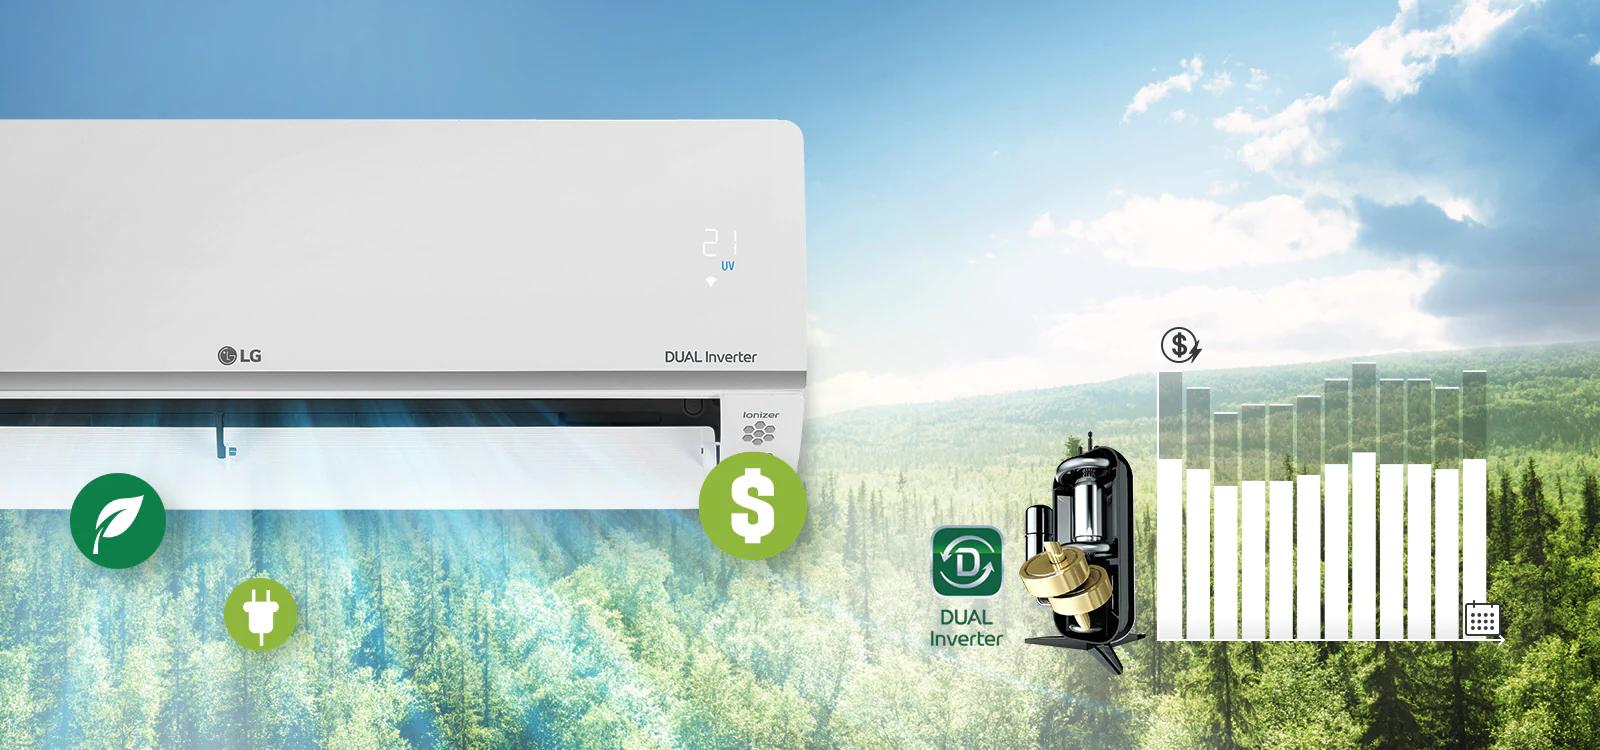 Công nghệ Dual Inverter giúp tiết kiệm điện năng của máy lạnh LG Inverter